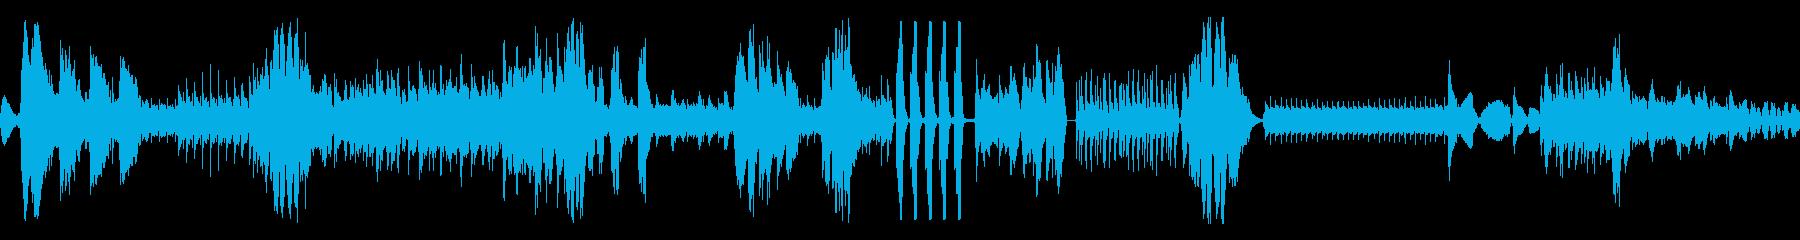 奇抜なデバイスビープ音/高速;音楽...の再生済みの波形